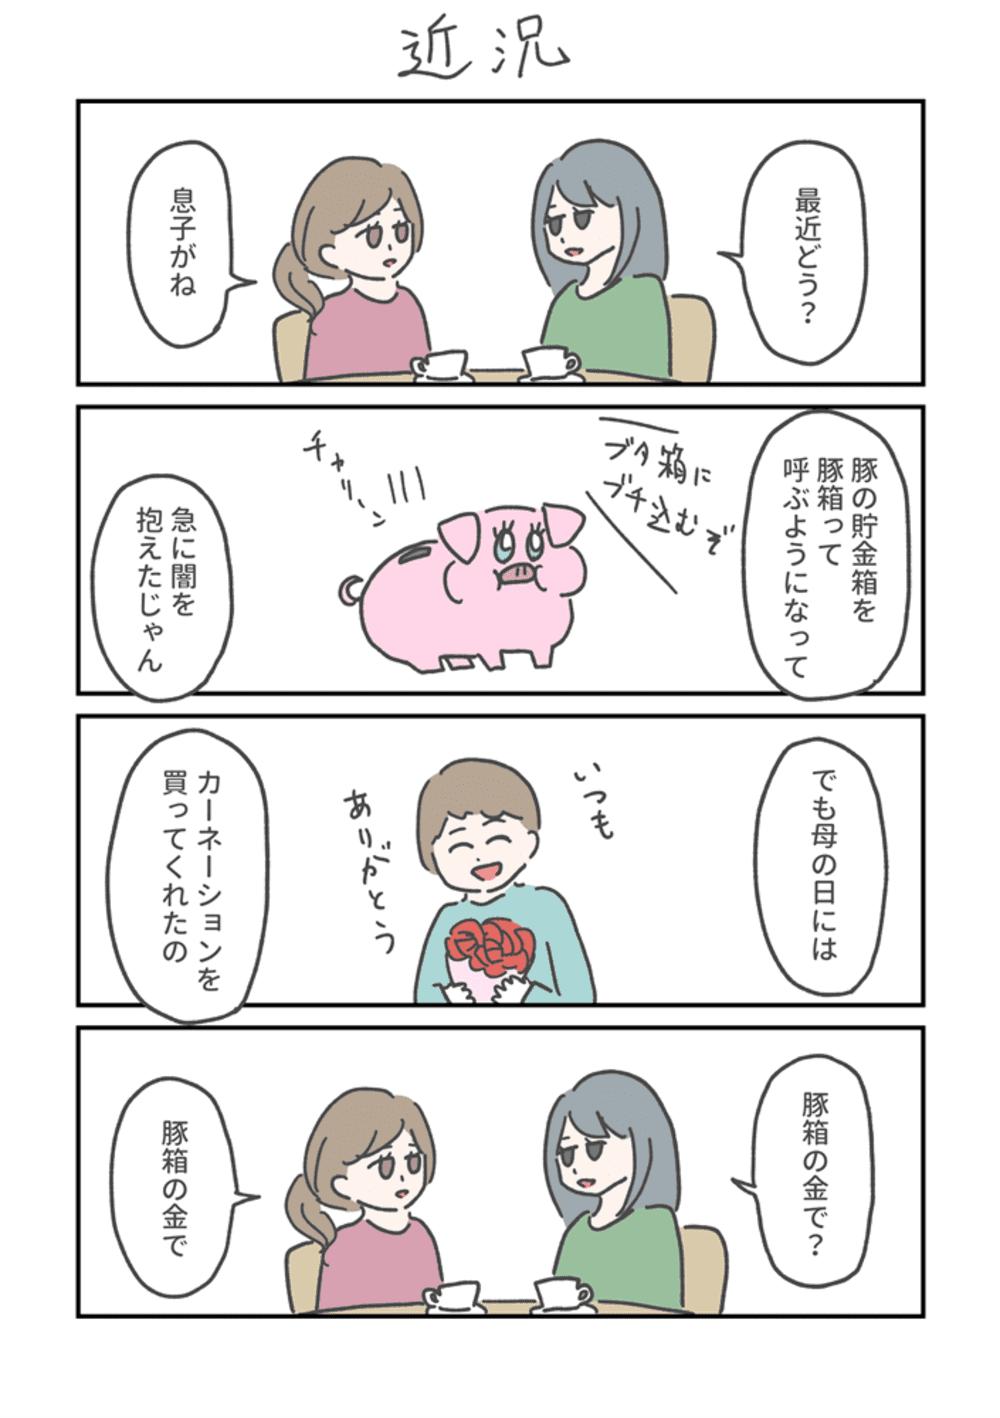 butabako